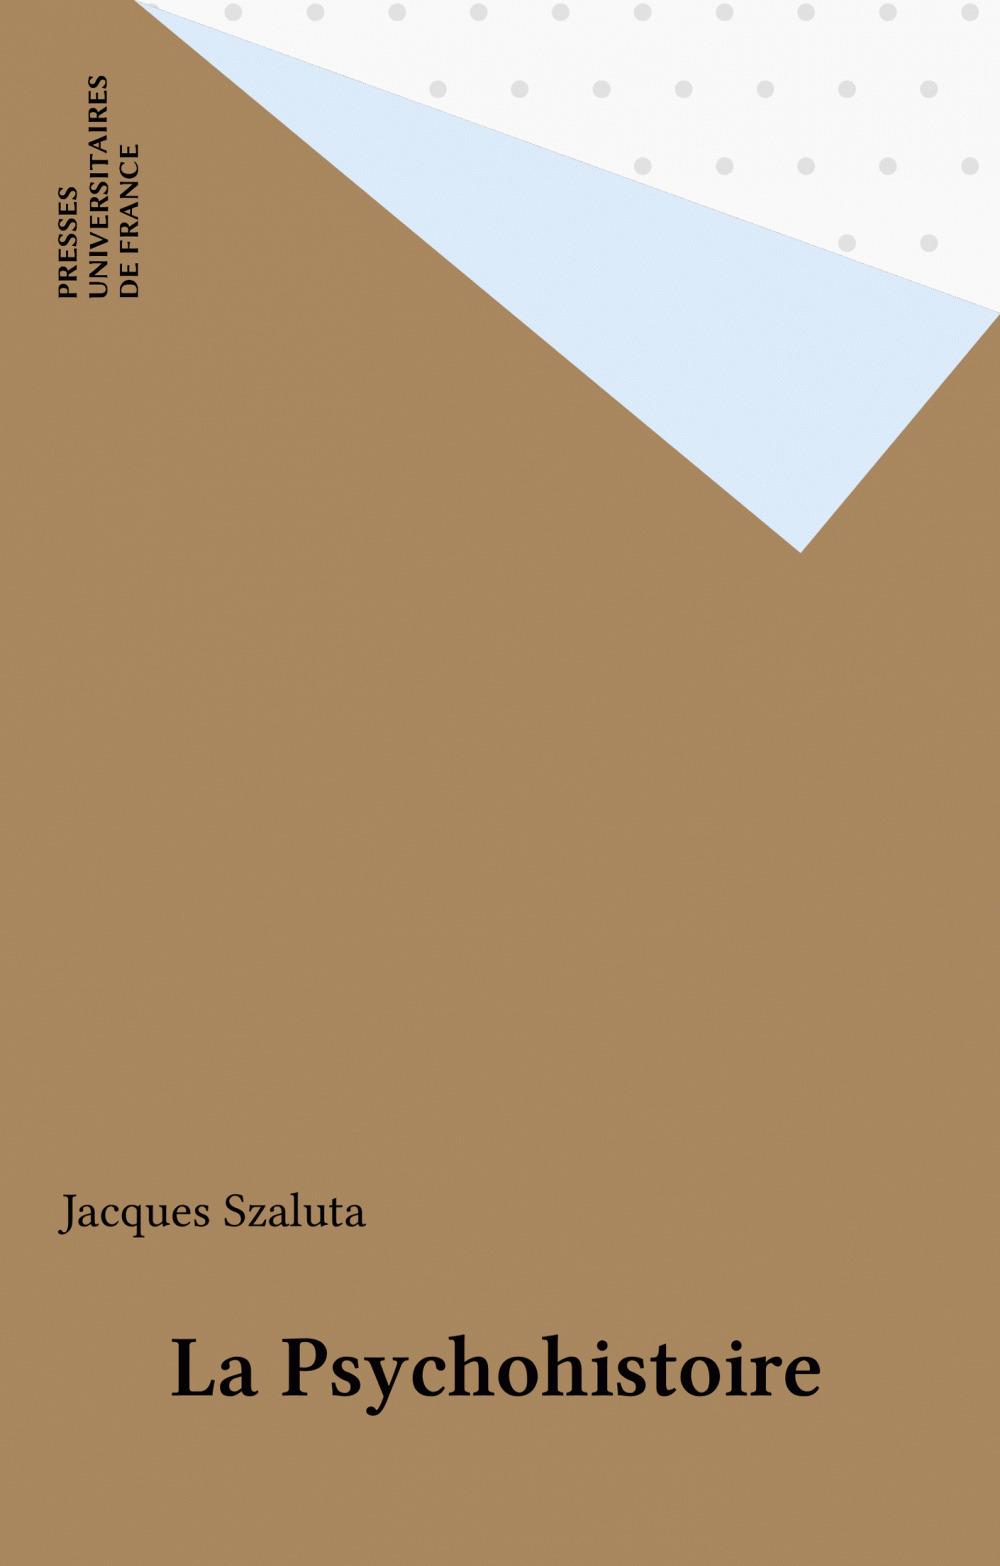 La Psychohistoire  - Jacques Szaluta